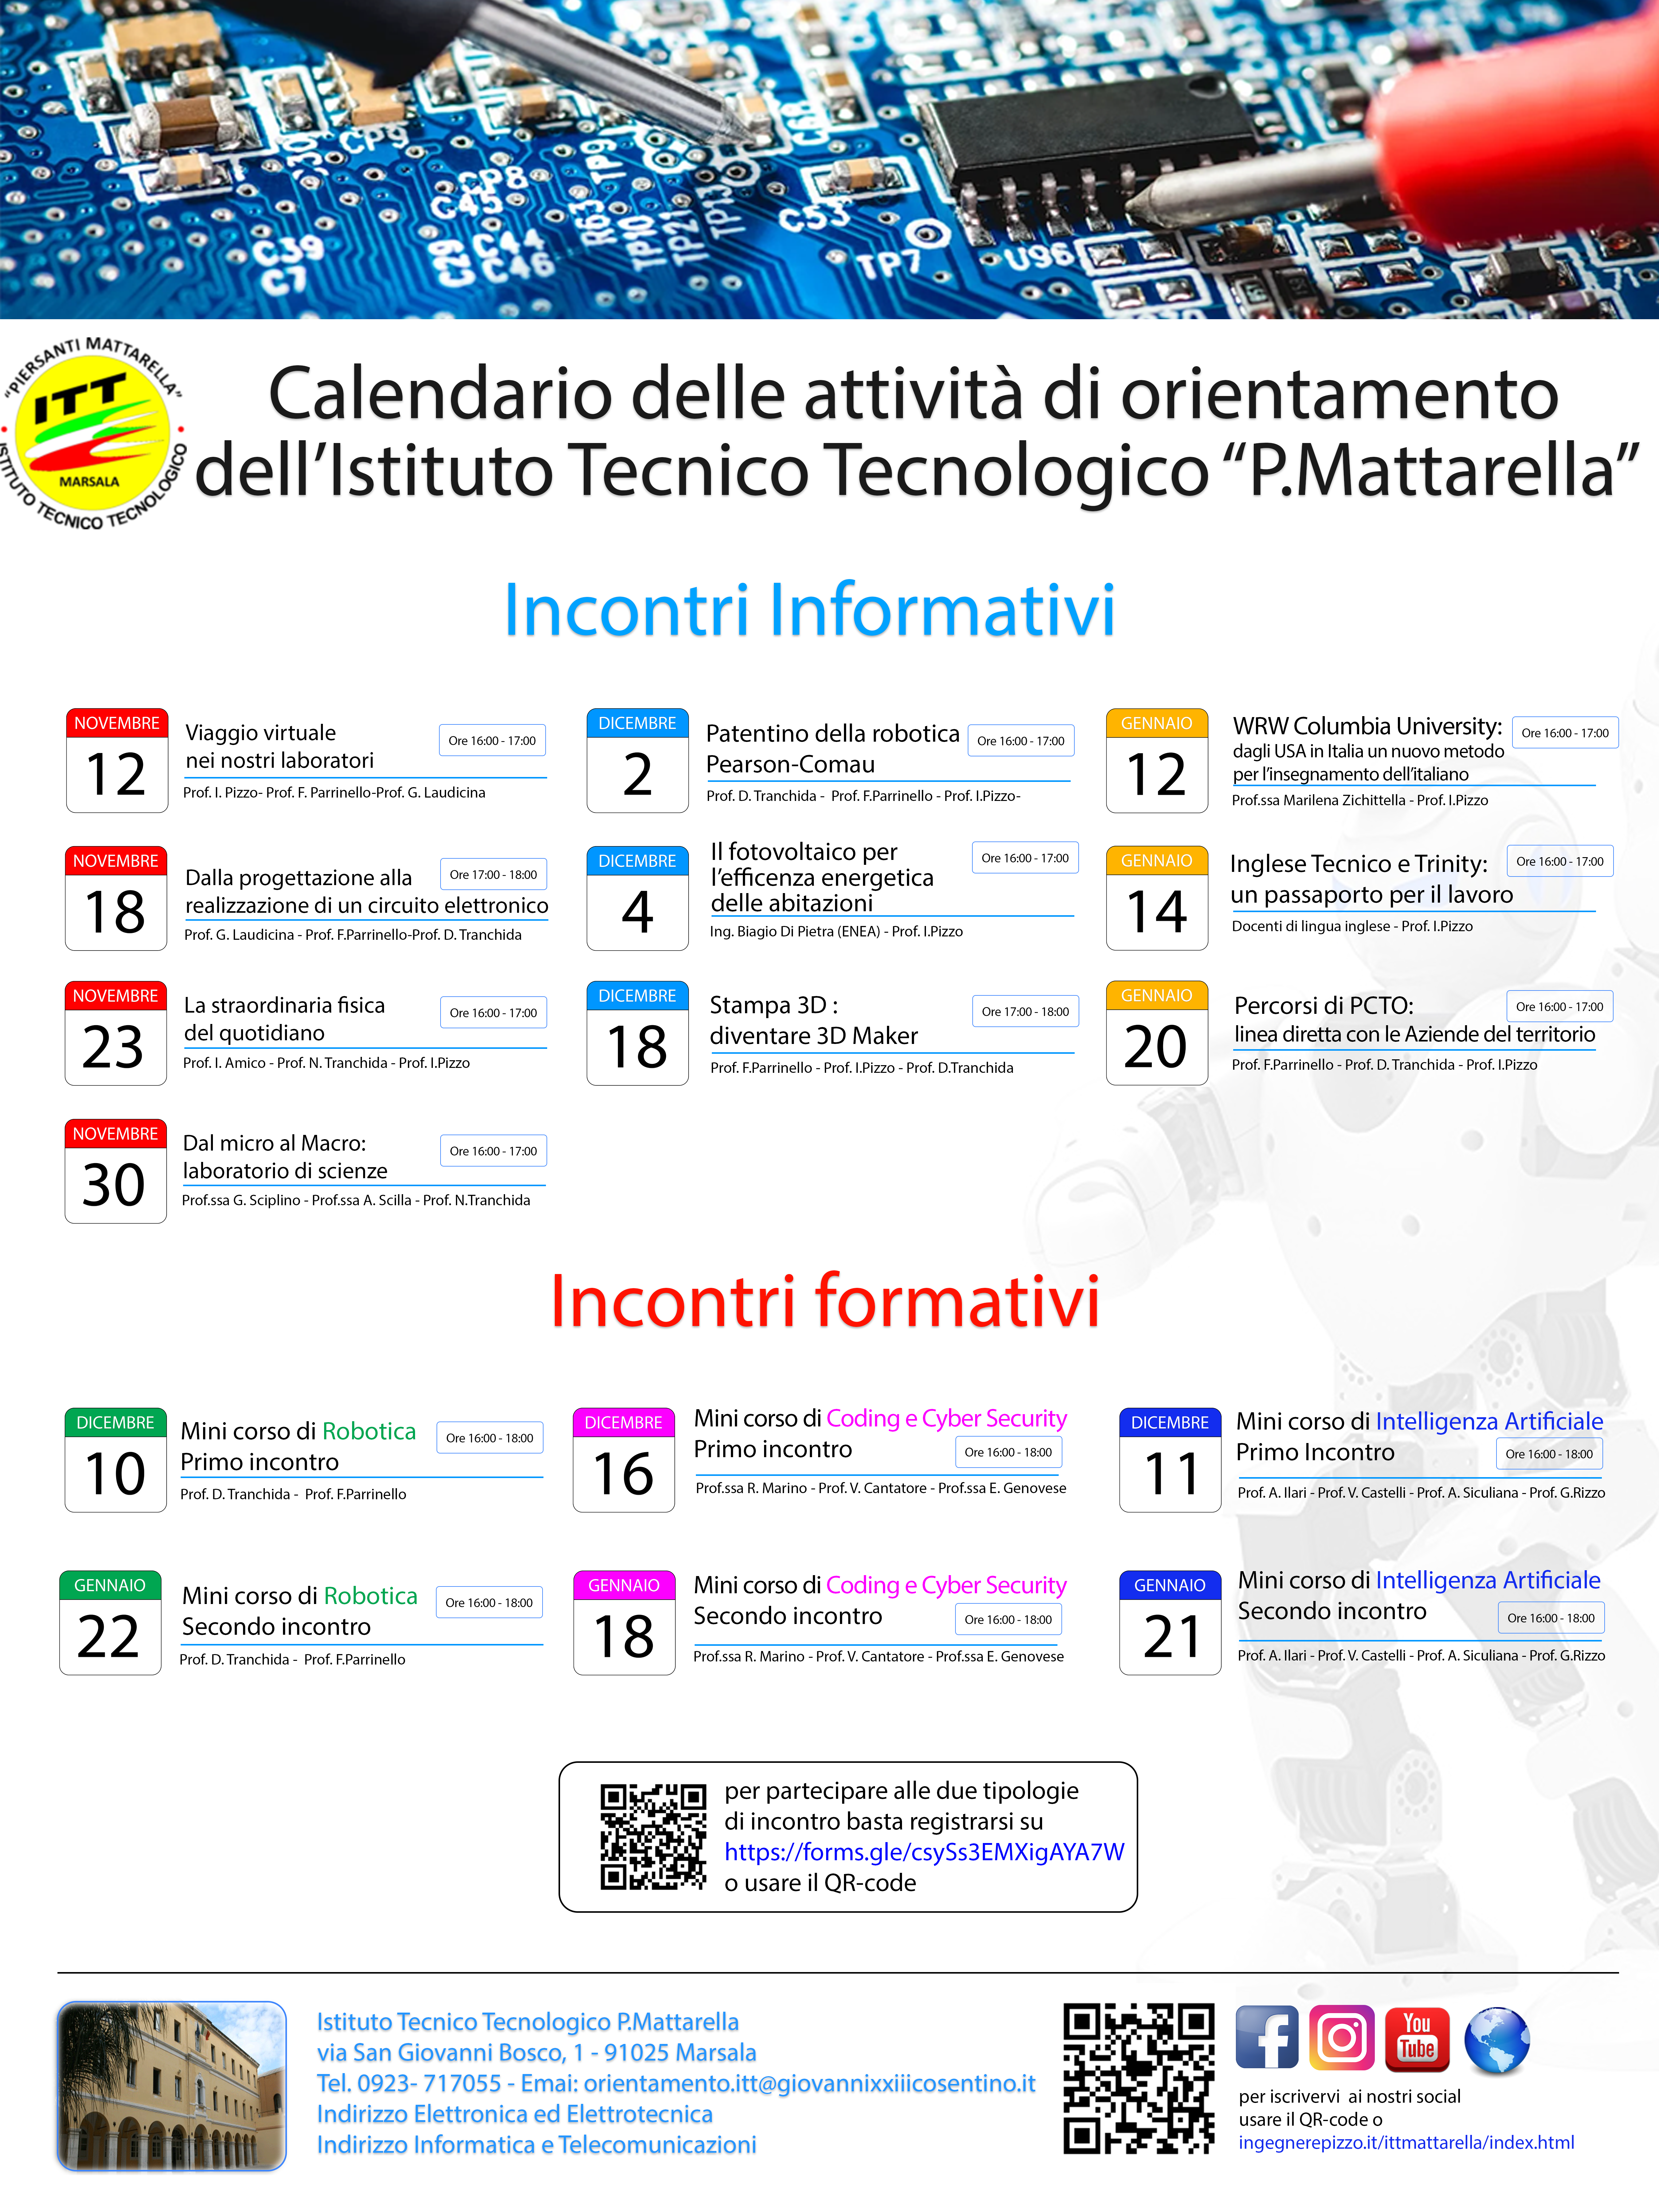 Calendario Attività Orientamento ITT